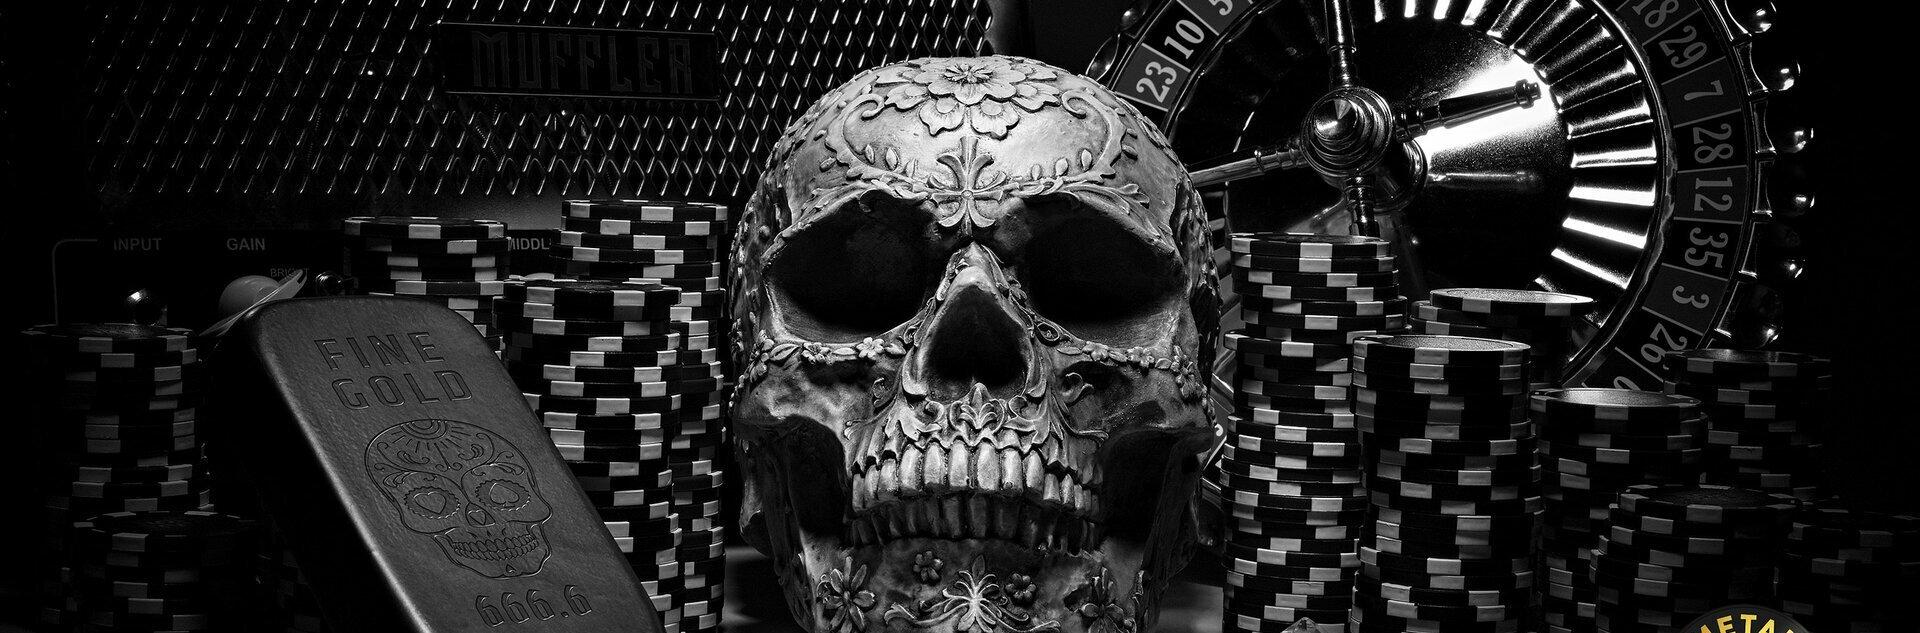 Metal Casino review UK